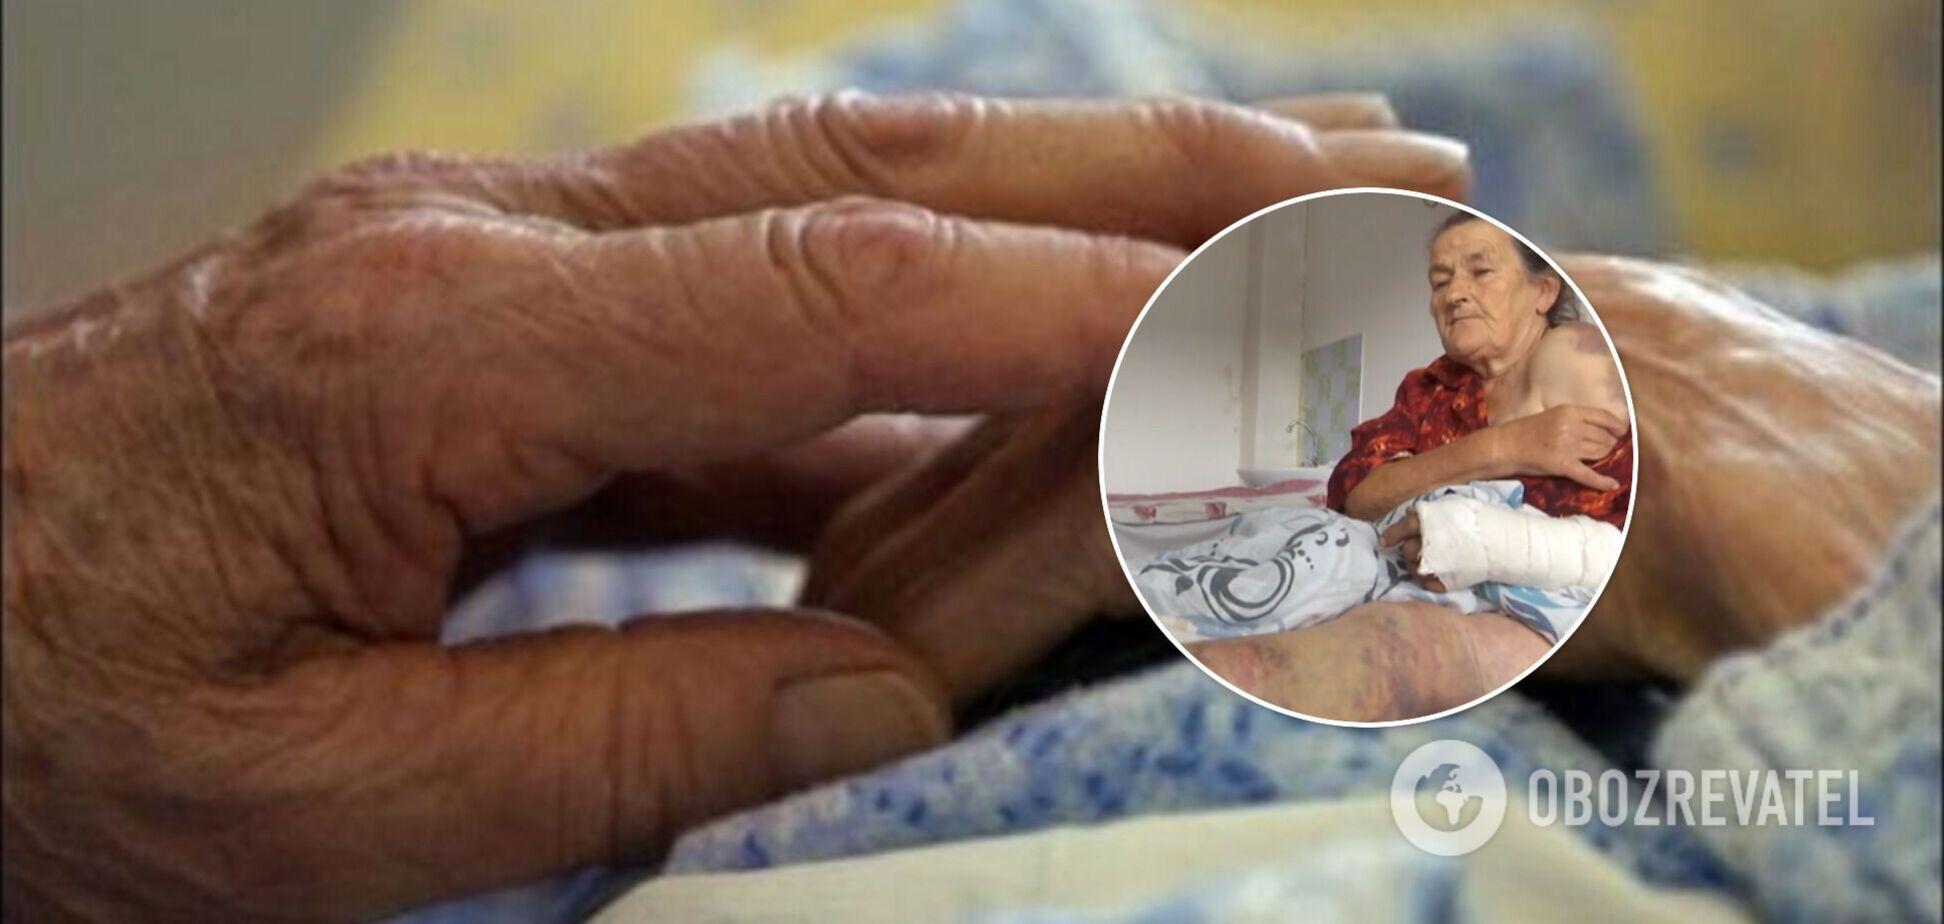 На Львівщині розгорівся скандал навколо побиття пенсіонерки: звинувачує у всьому старосту села. Відео